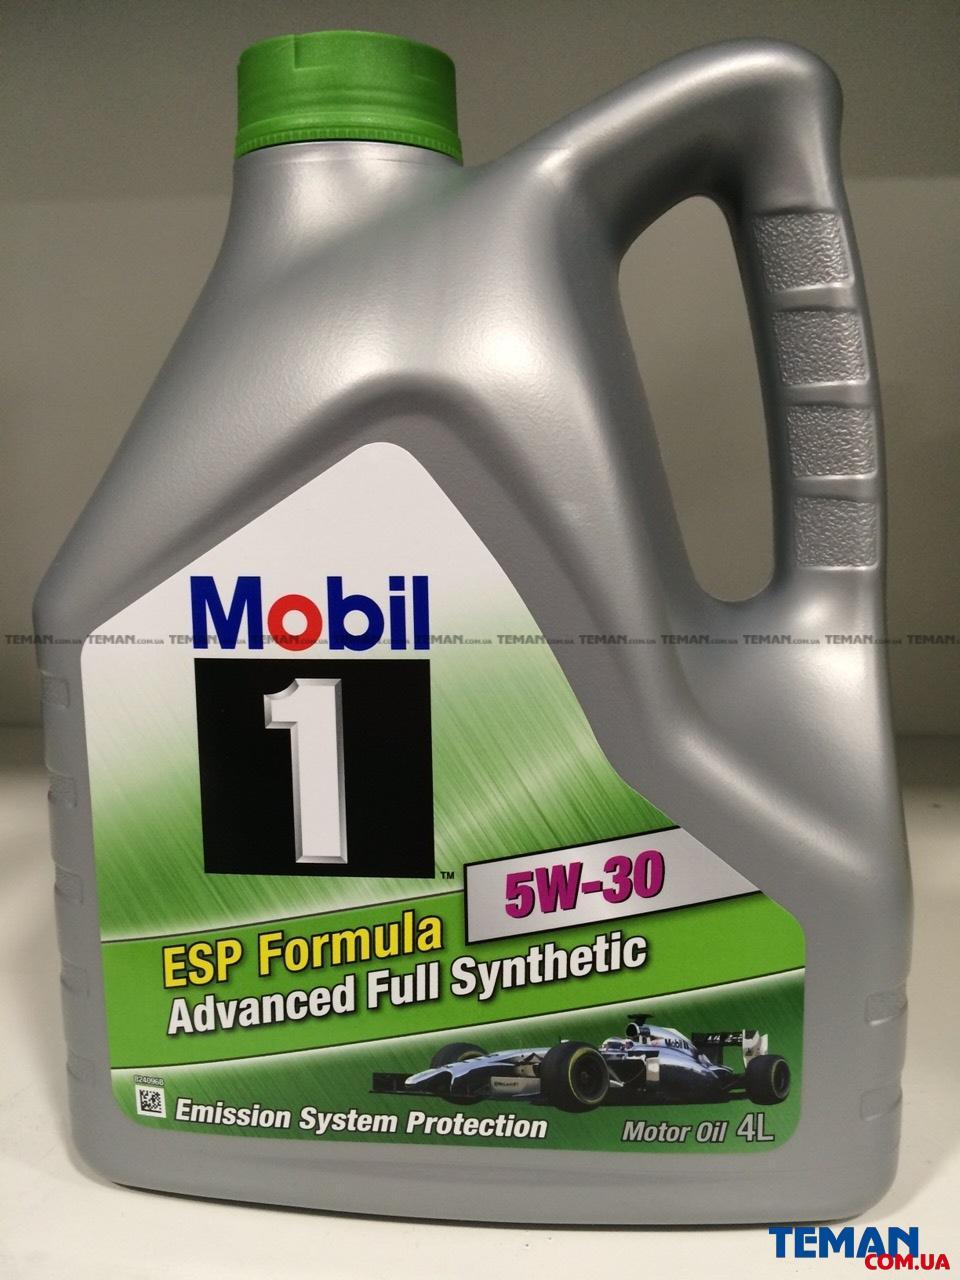 Купить Масло моторное синтетическое 1 ESP Formula 5W-30, 4лMOBIL 152053